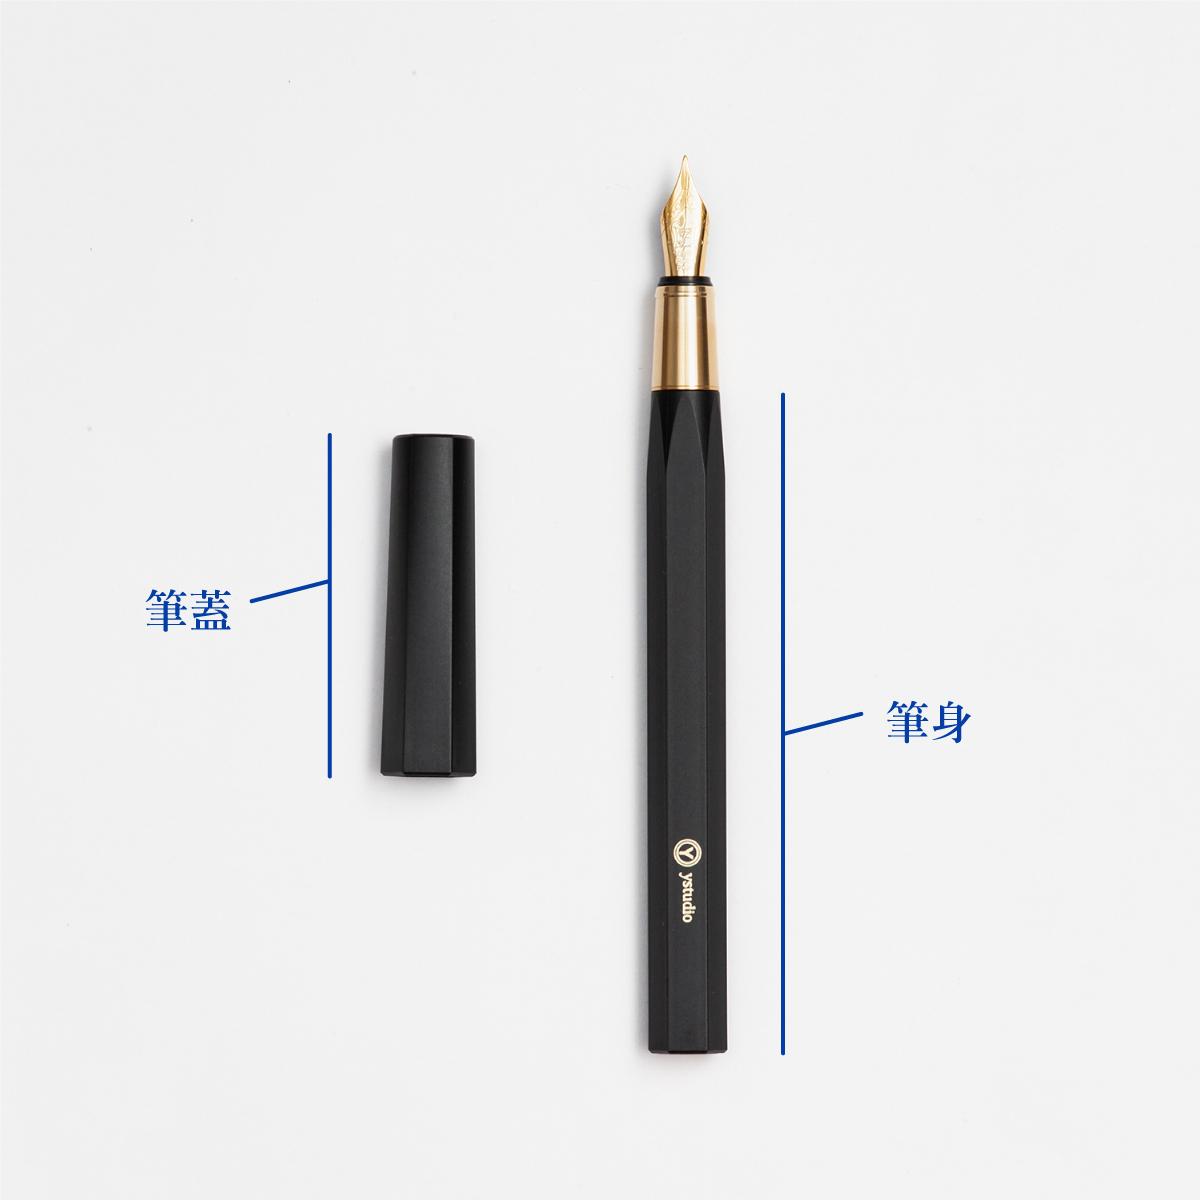 鋼筆構造:筆蓋